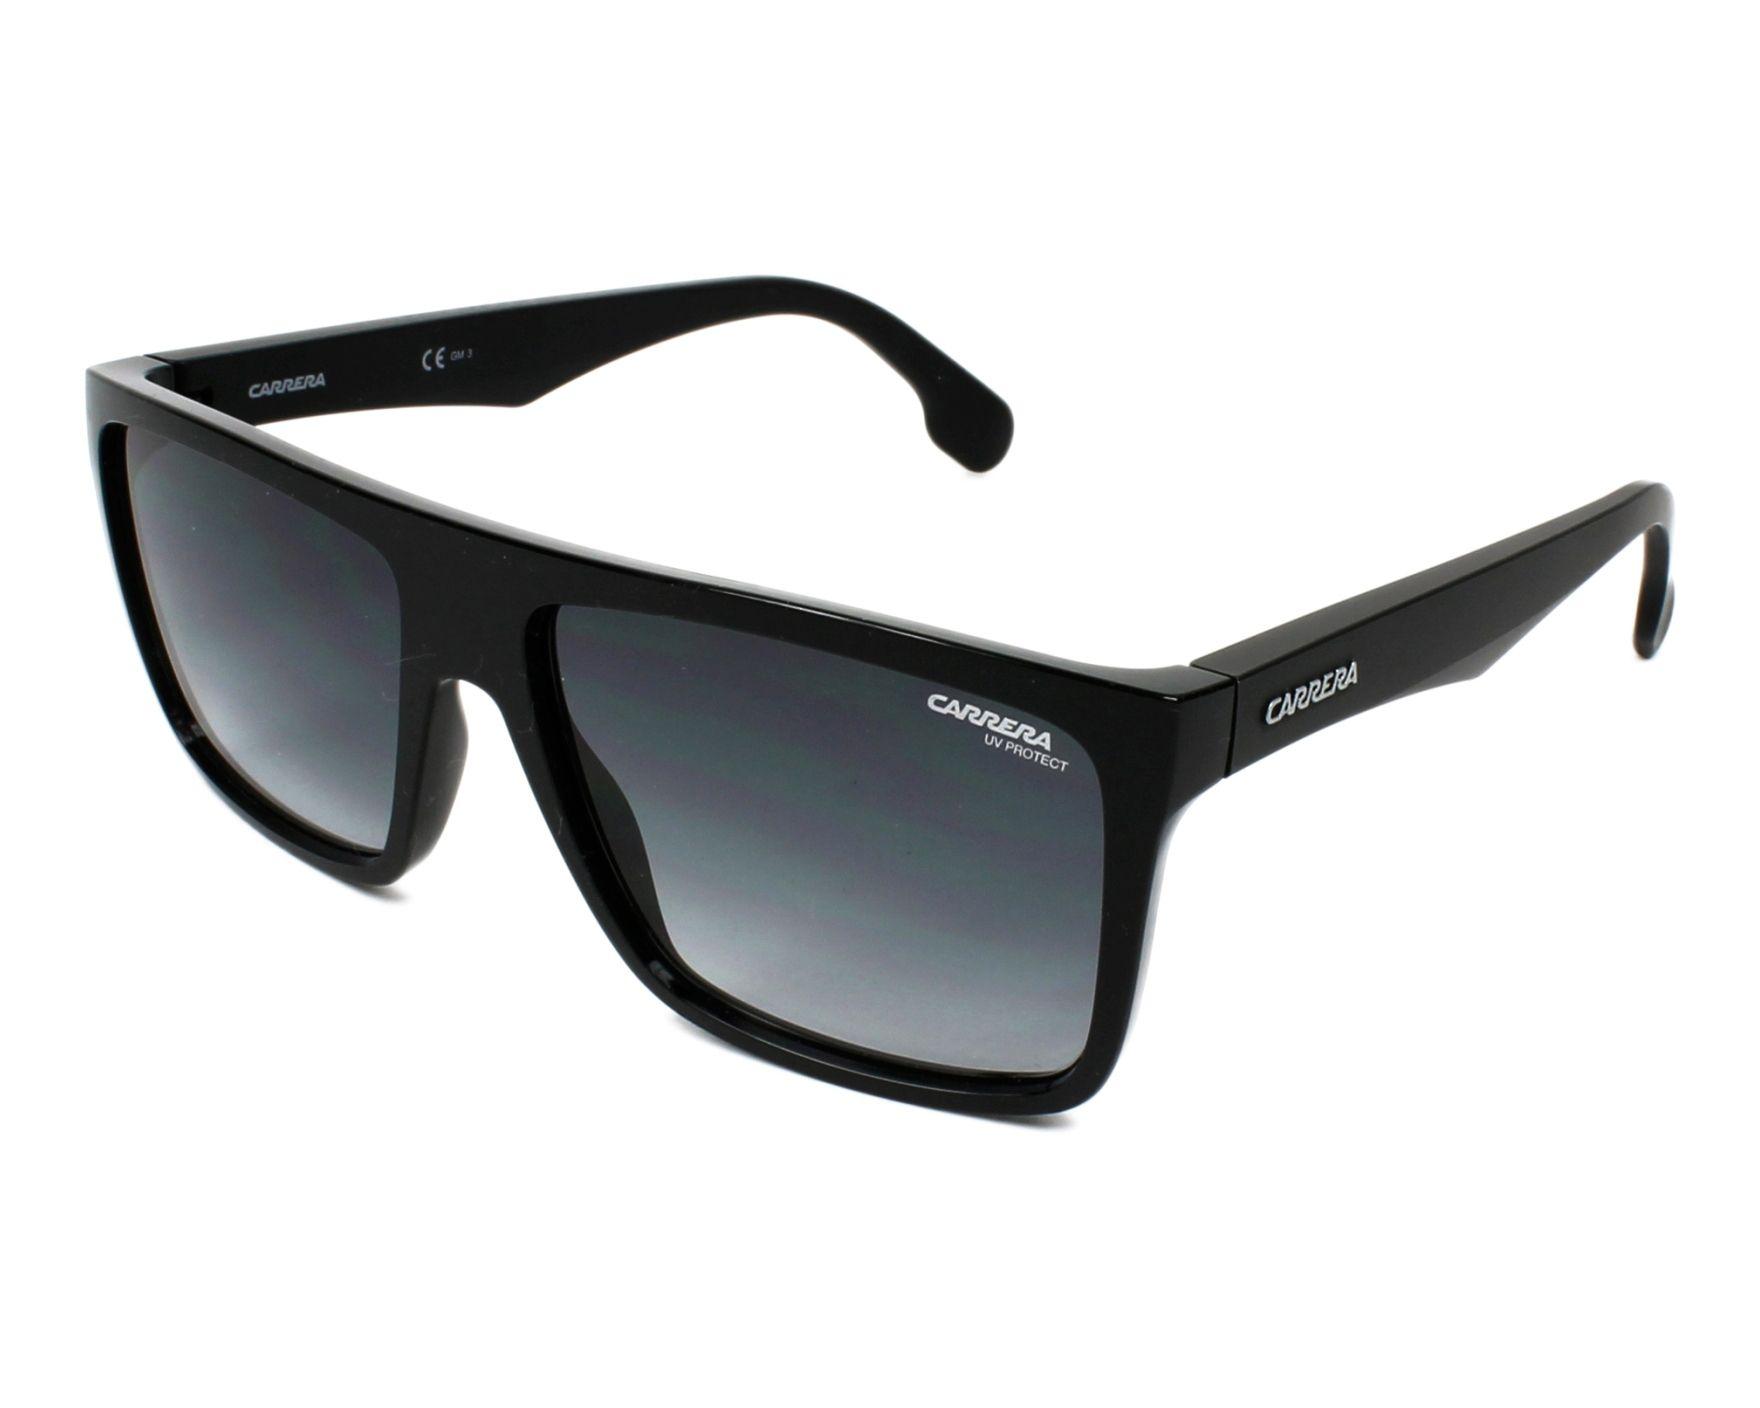 e1da4448982fc Carrera - Buy Carrera sunglasses online at low prices